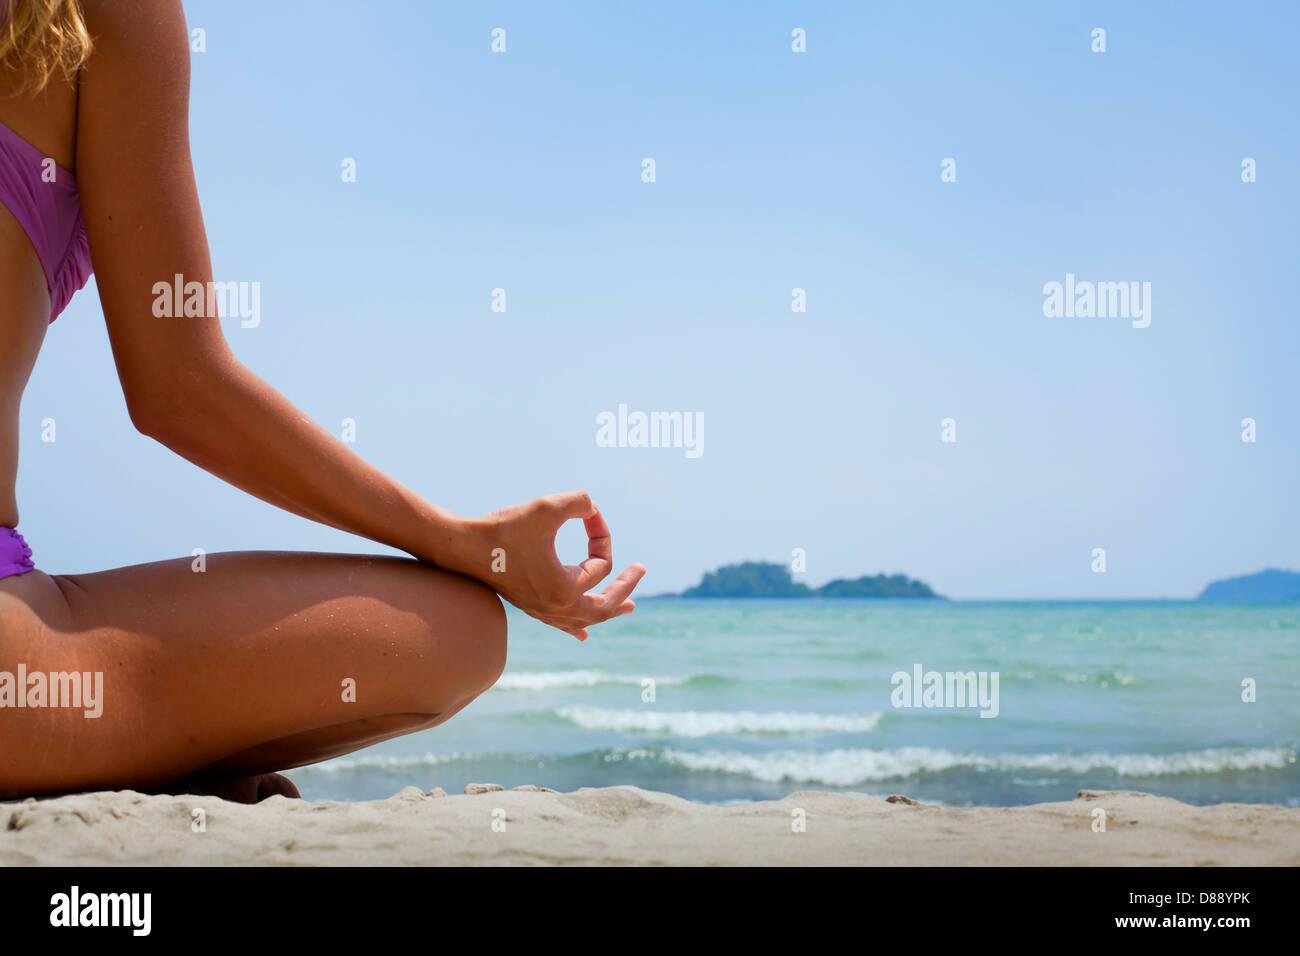 Yoga Hintergrund, Frau im Lotussitz meditieren am Strand Stockbild